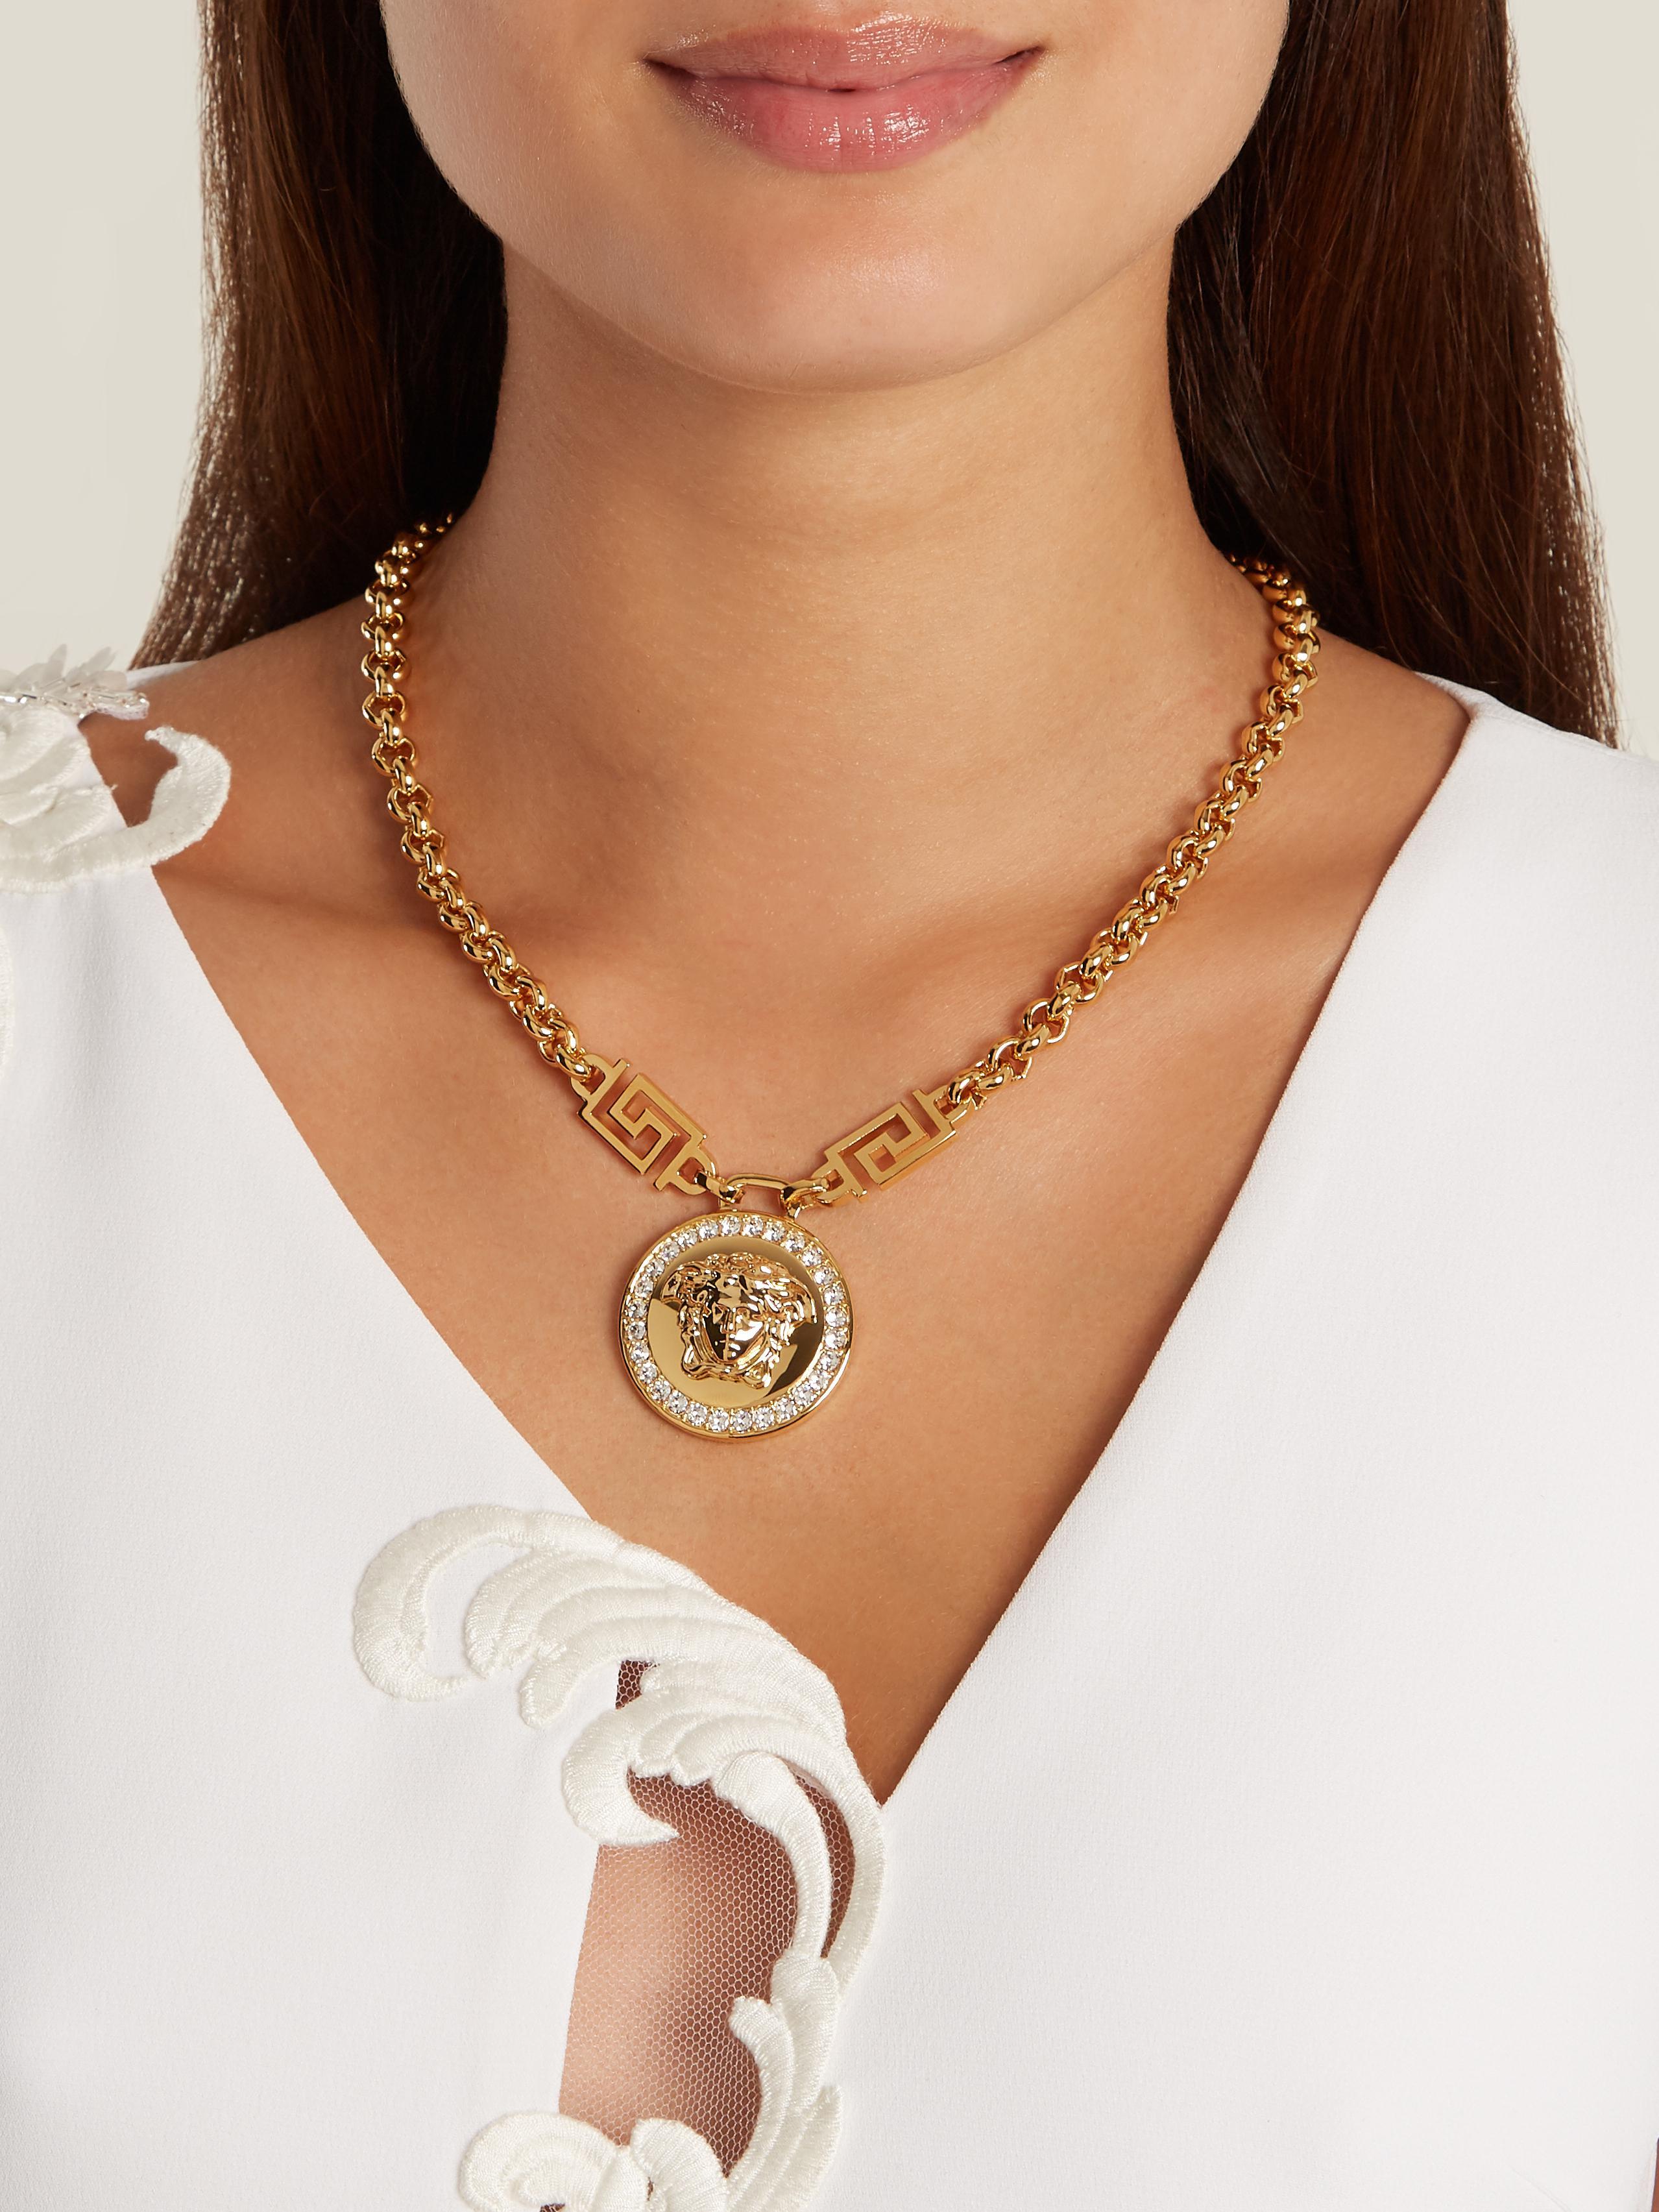 8d5b28fec49ef Versace Gold Chain And Pendant - Pendant Design Ideas